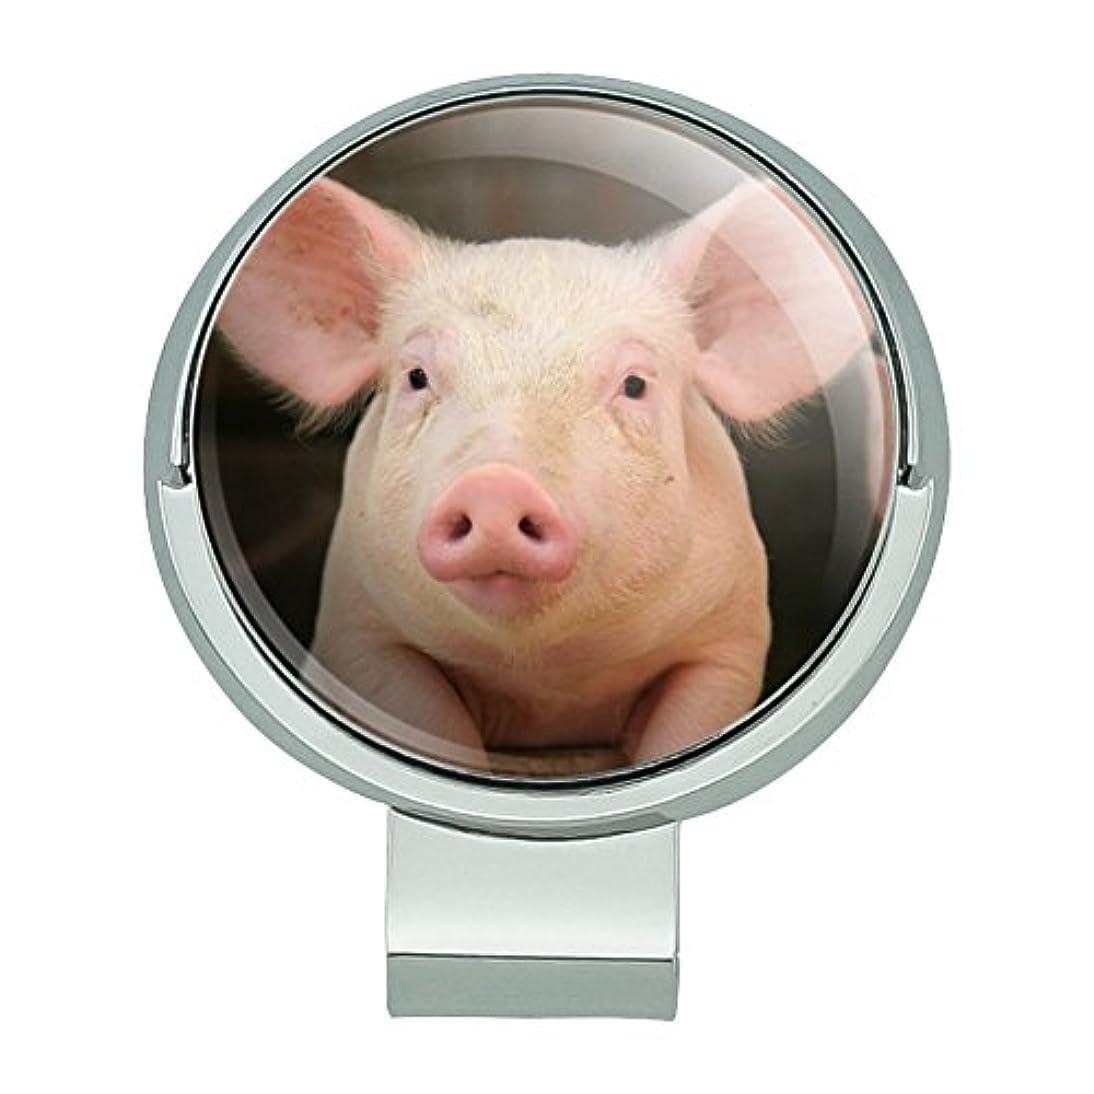 器具圧倒する神秘小さな豚のピギー磁気ボールマーカー付きゴルフハットクリップ